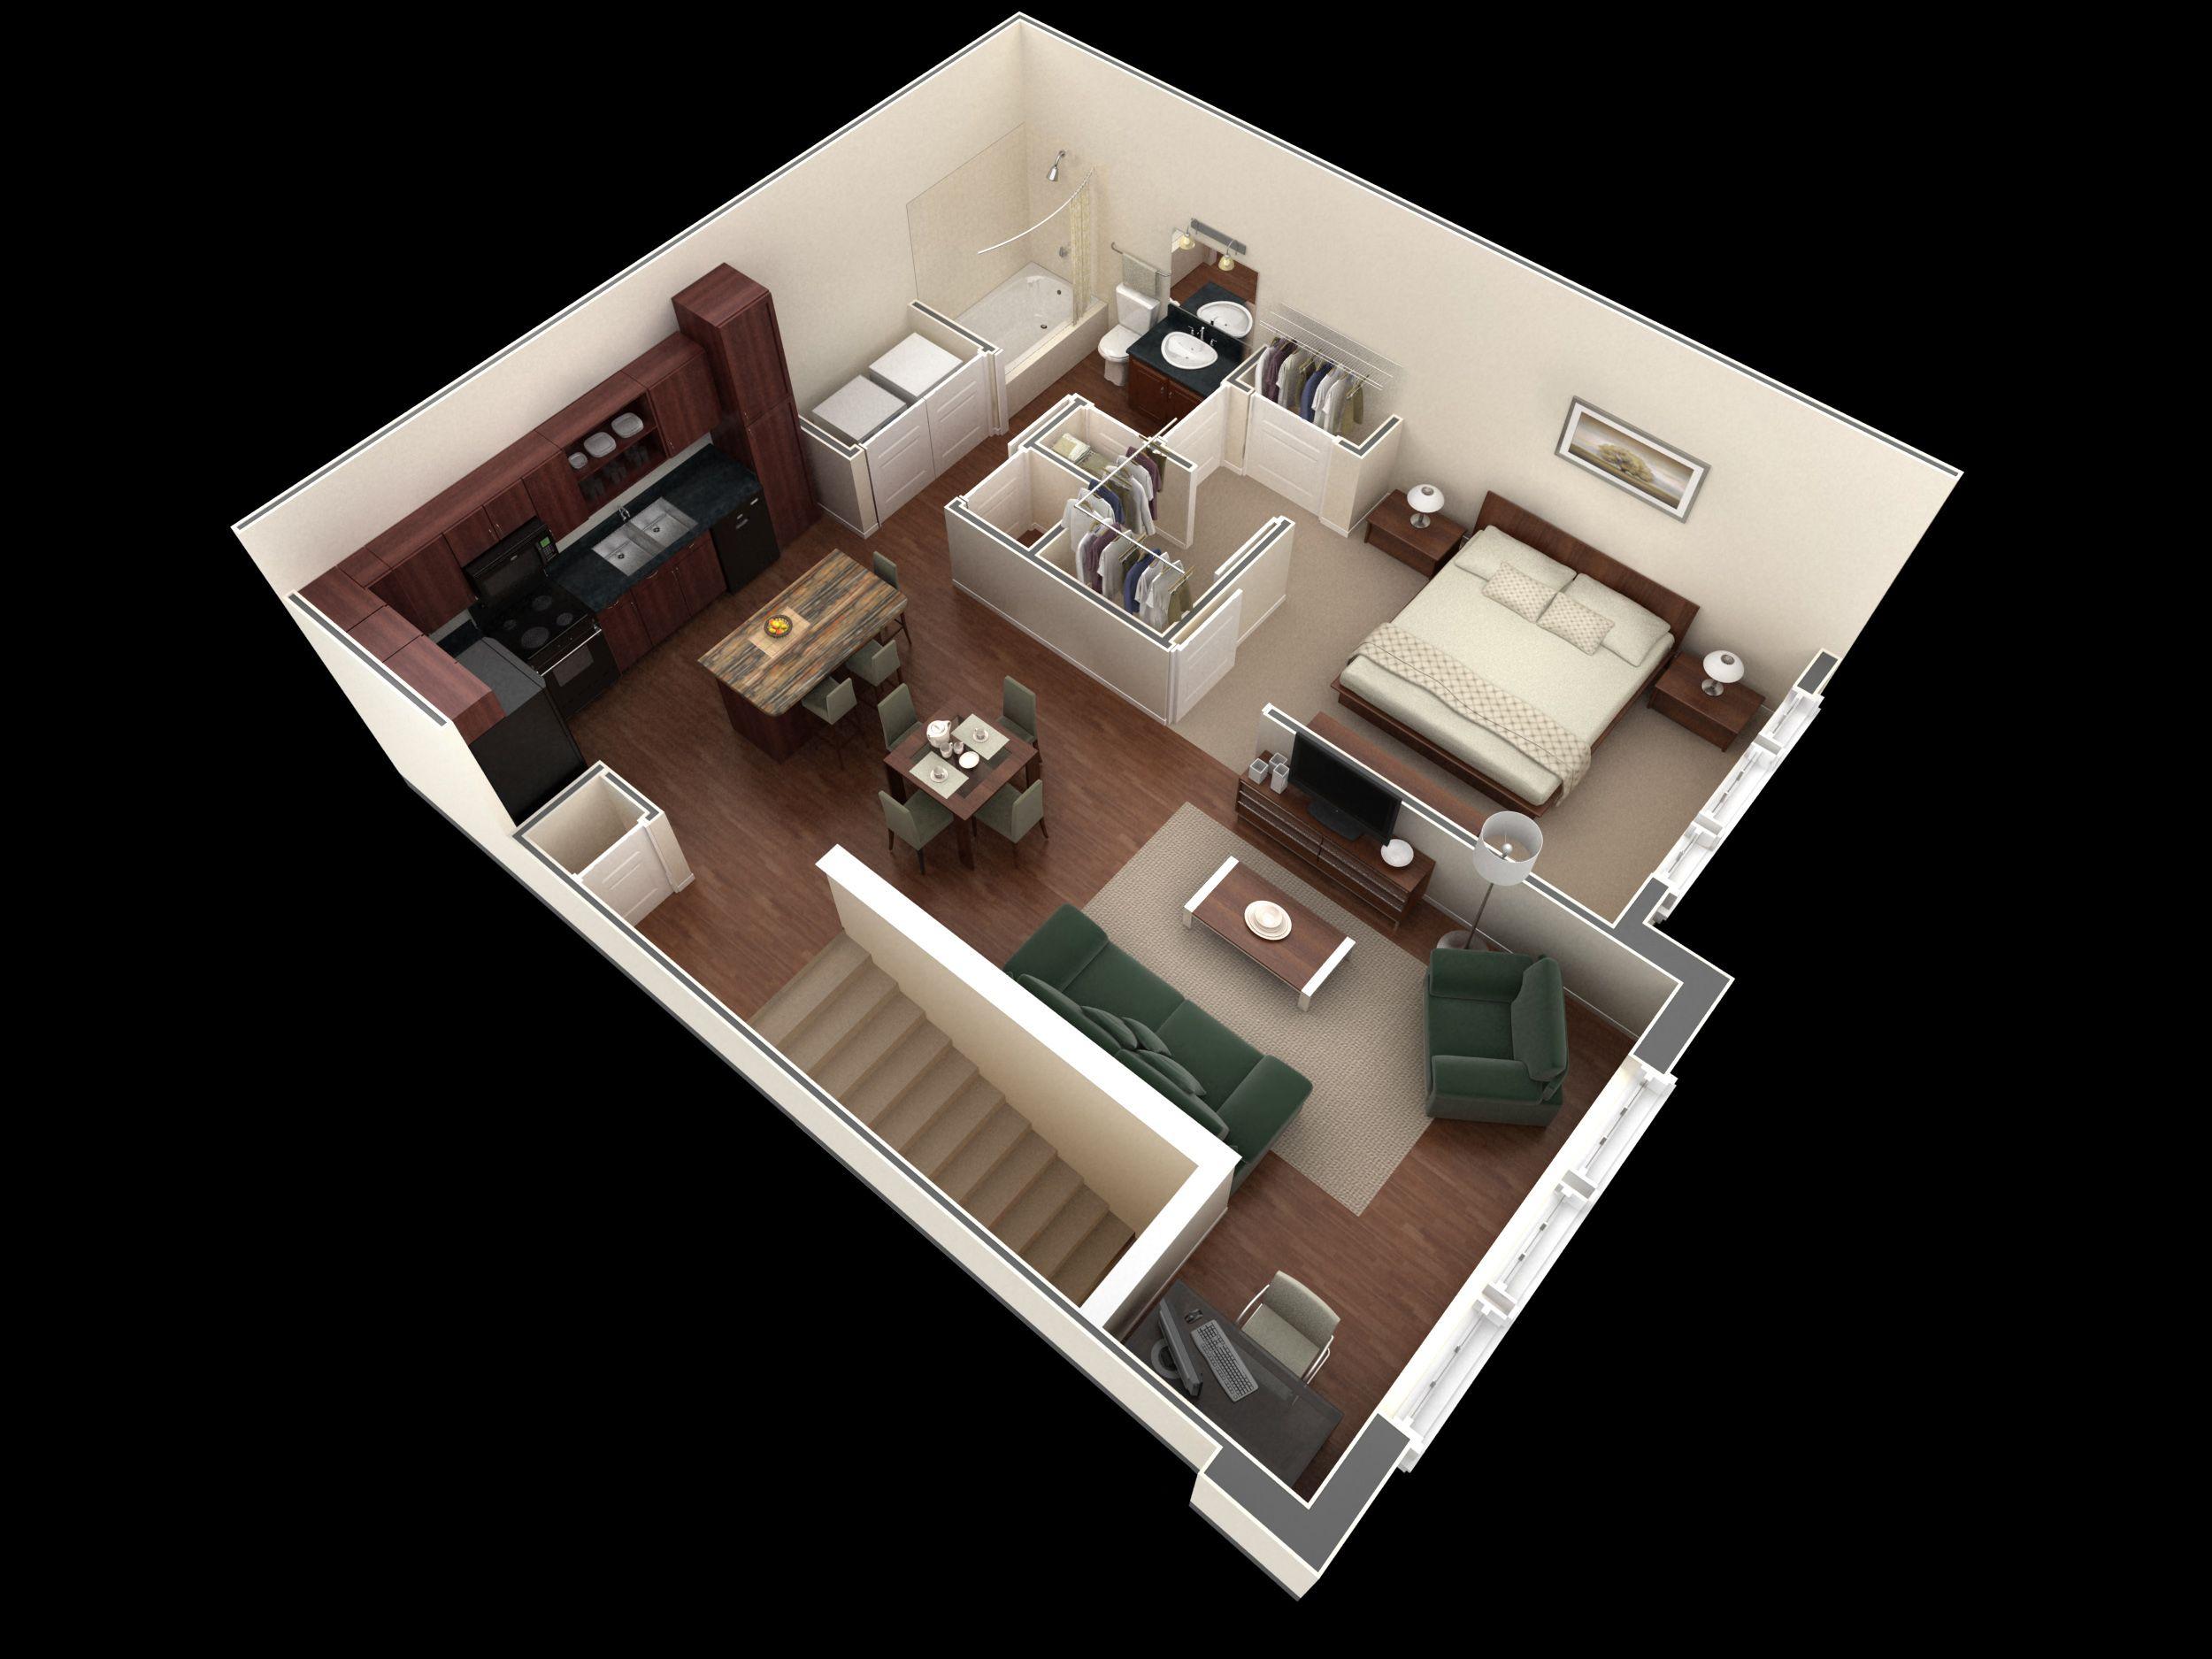 1 Bedroom Apartment - Designer Overlook: This 1 bedroom, 1 bath 854 ...